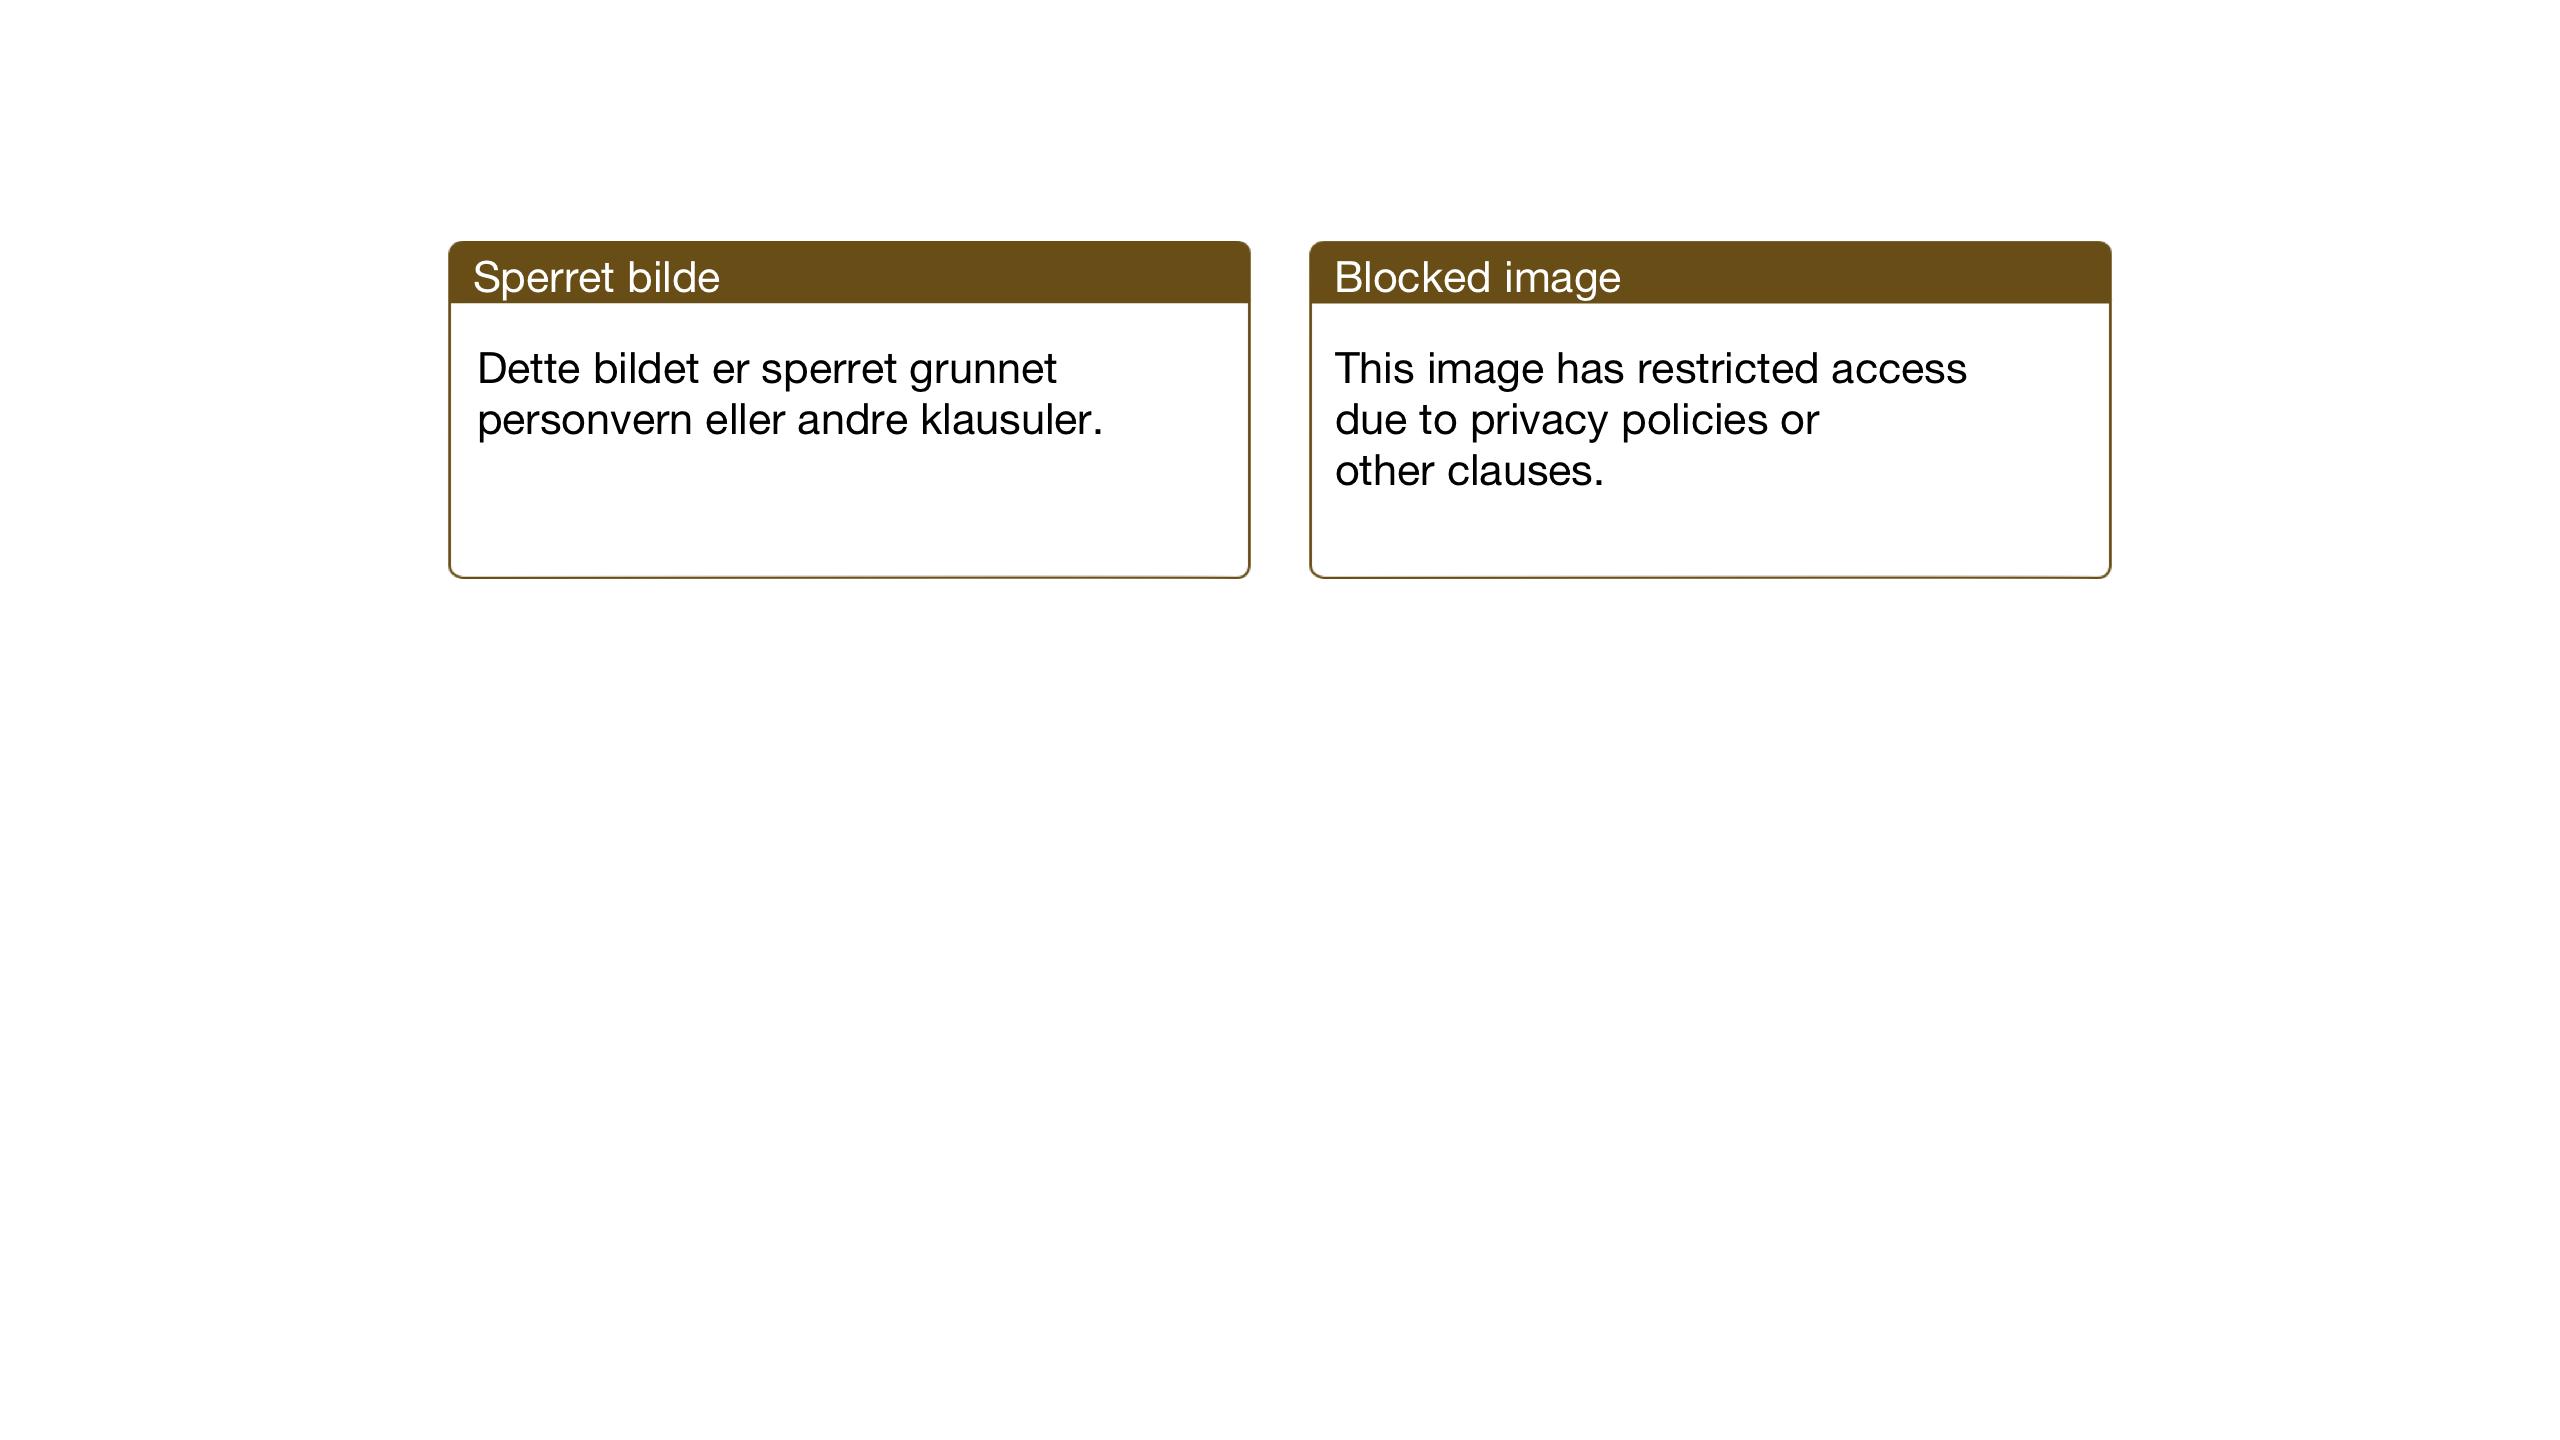 SAT, Ministerialprotokoller, klokkerbøker og fødselsregistre - Nord-Trøndelag, 770/L0592: Klokkerbok nr. 770C03, 1941-1950, s. 76